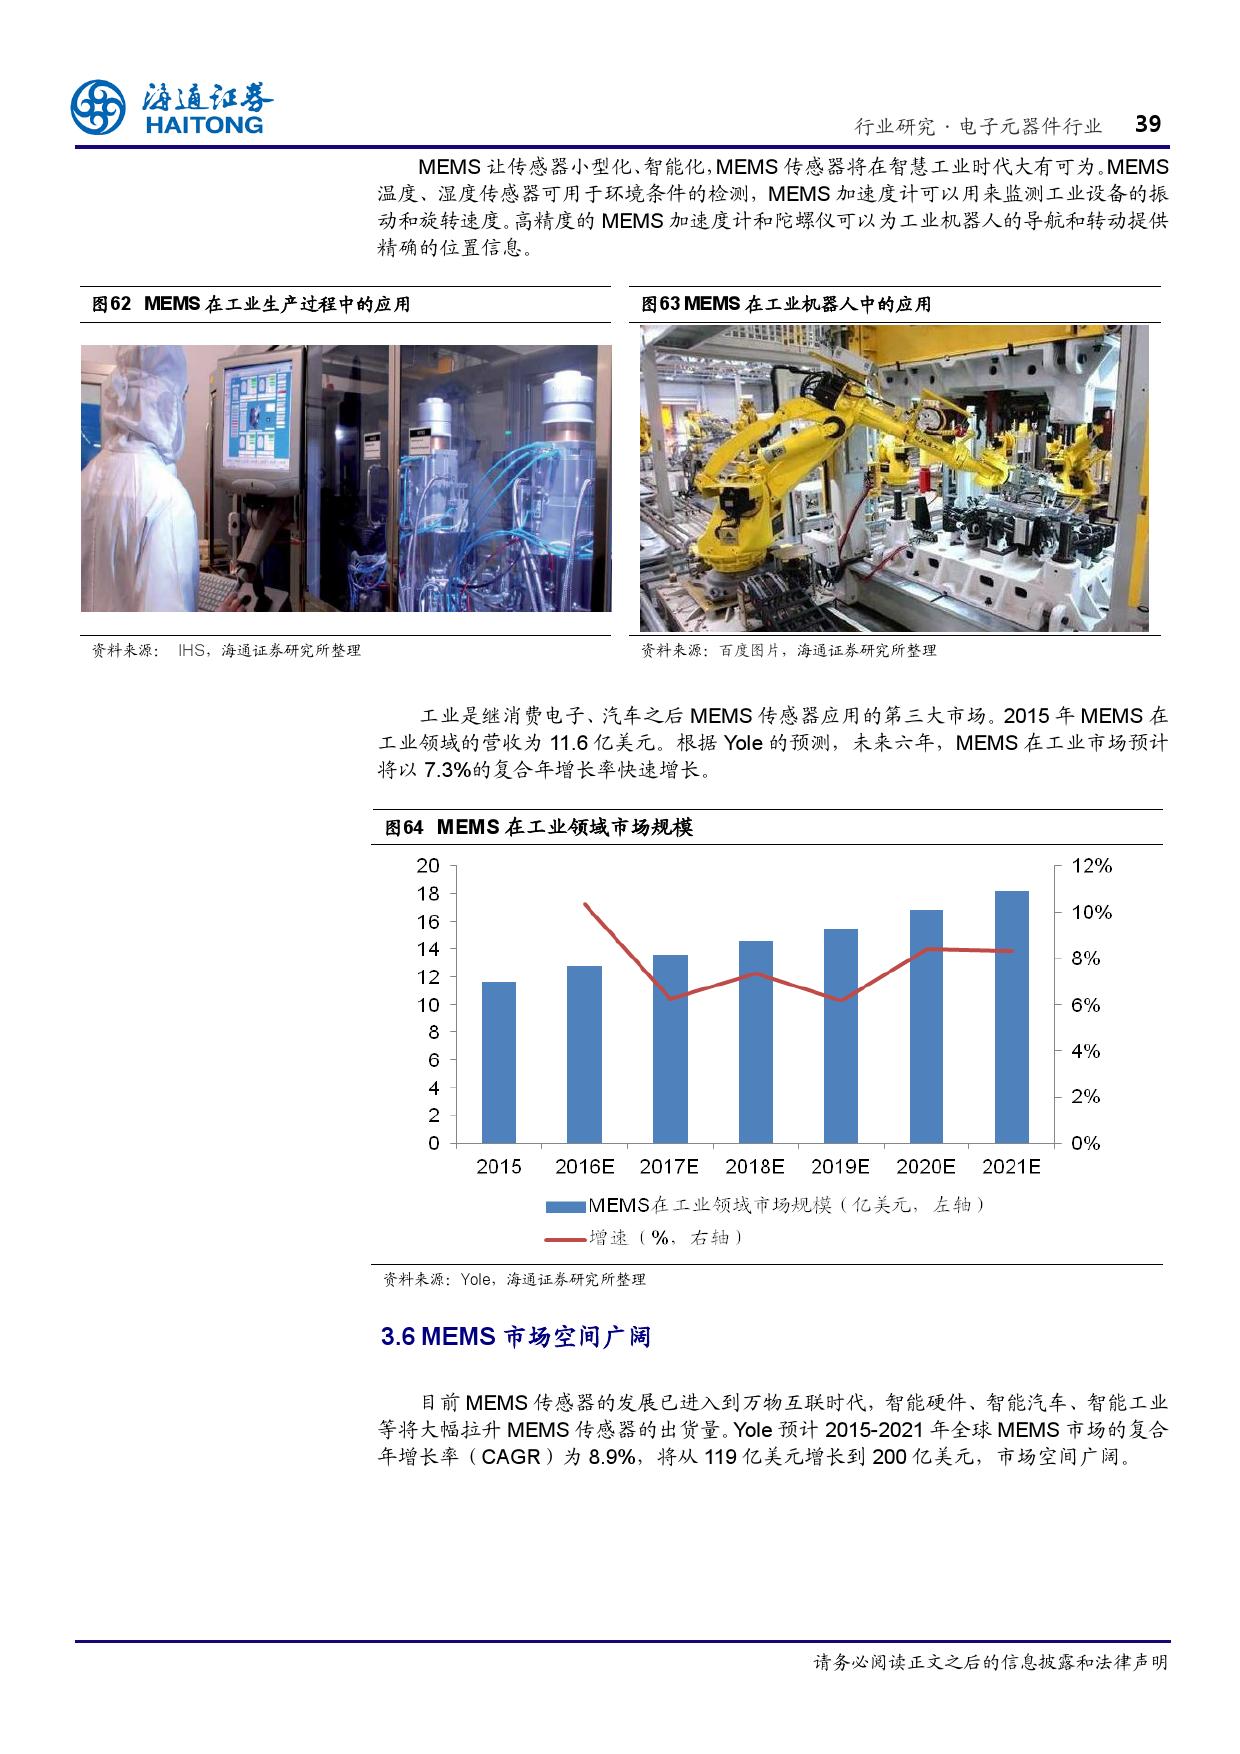 报告全解传感器全球产业链_000039